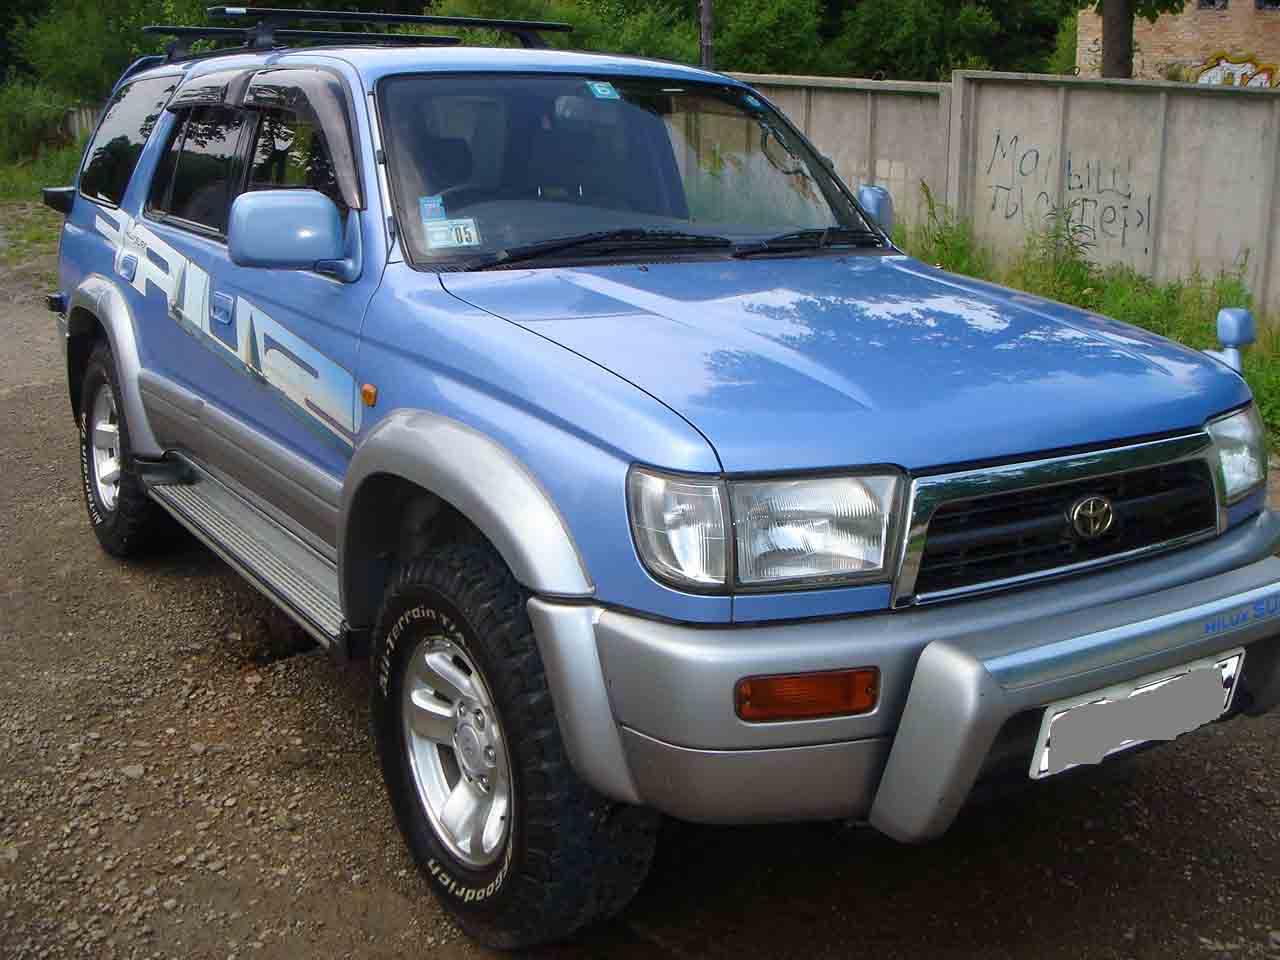 1996 Toyota Hilux Surf Specs  Engine Size 3400cm3  Fuel